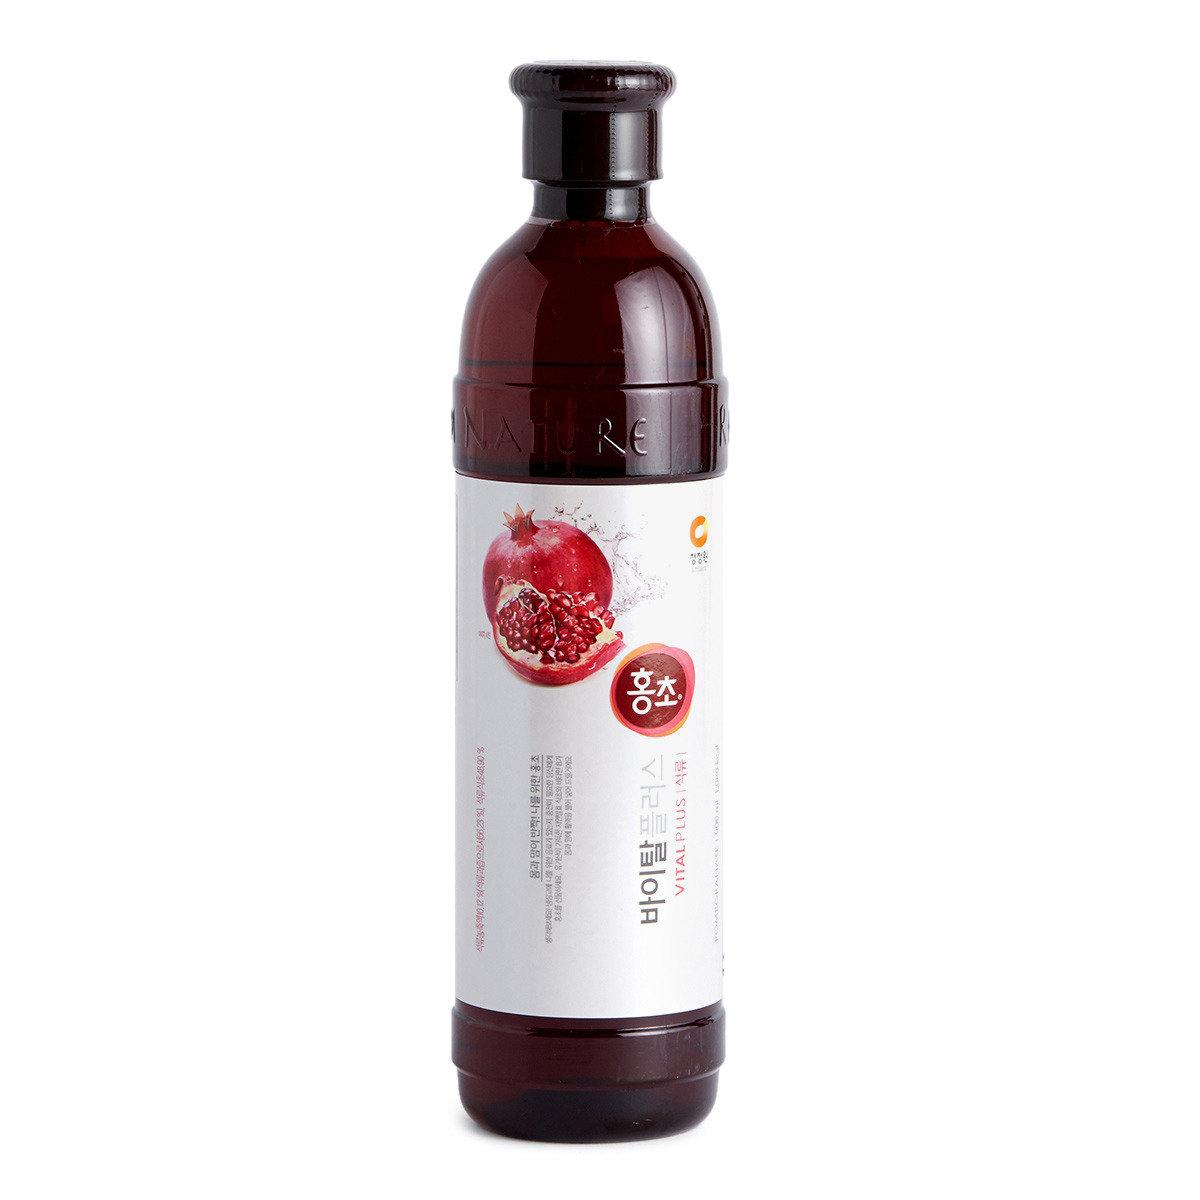 紅醋飲料 - 石榴味